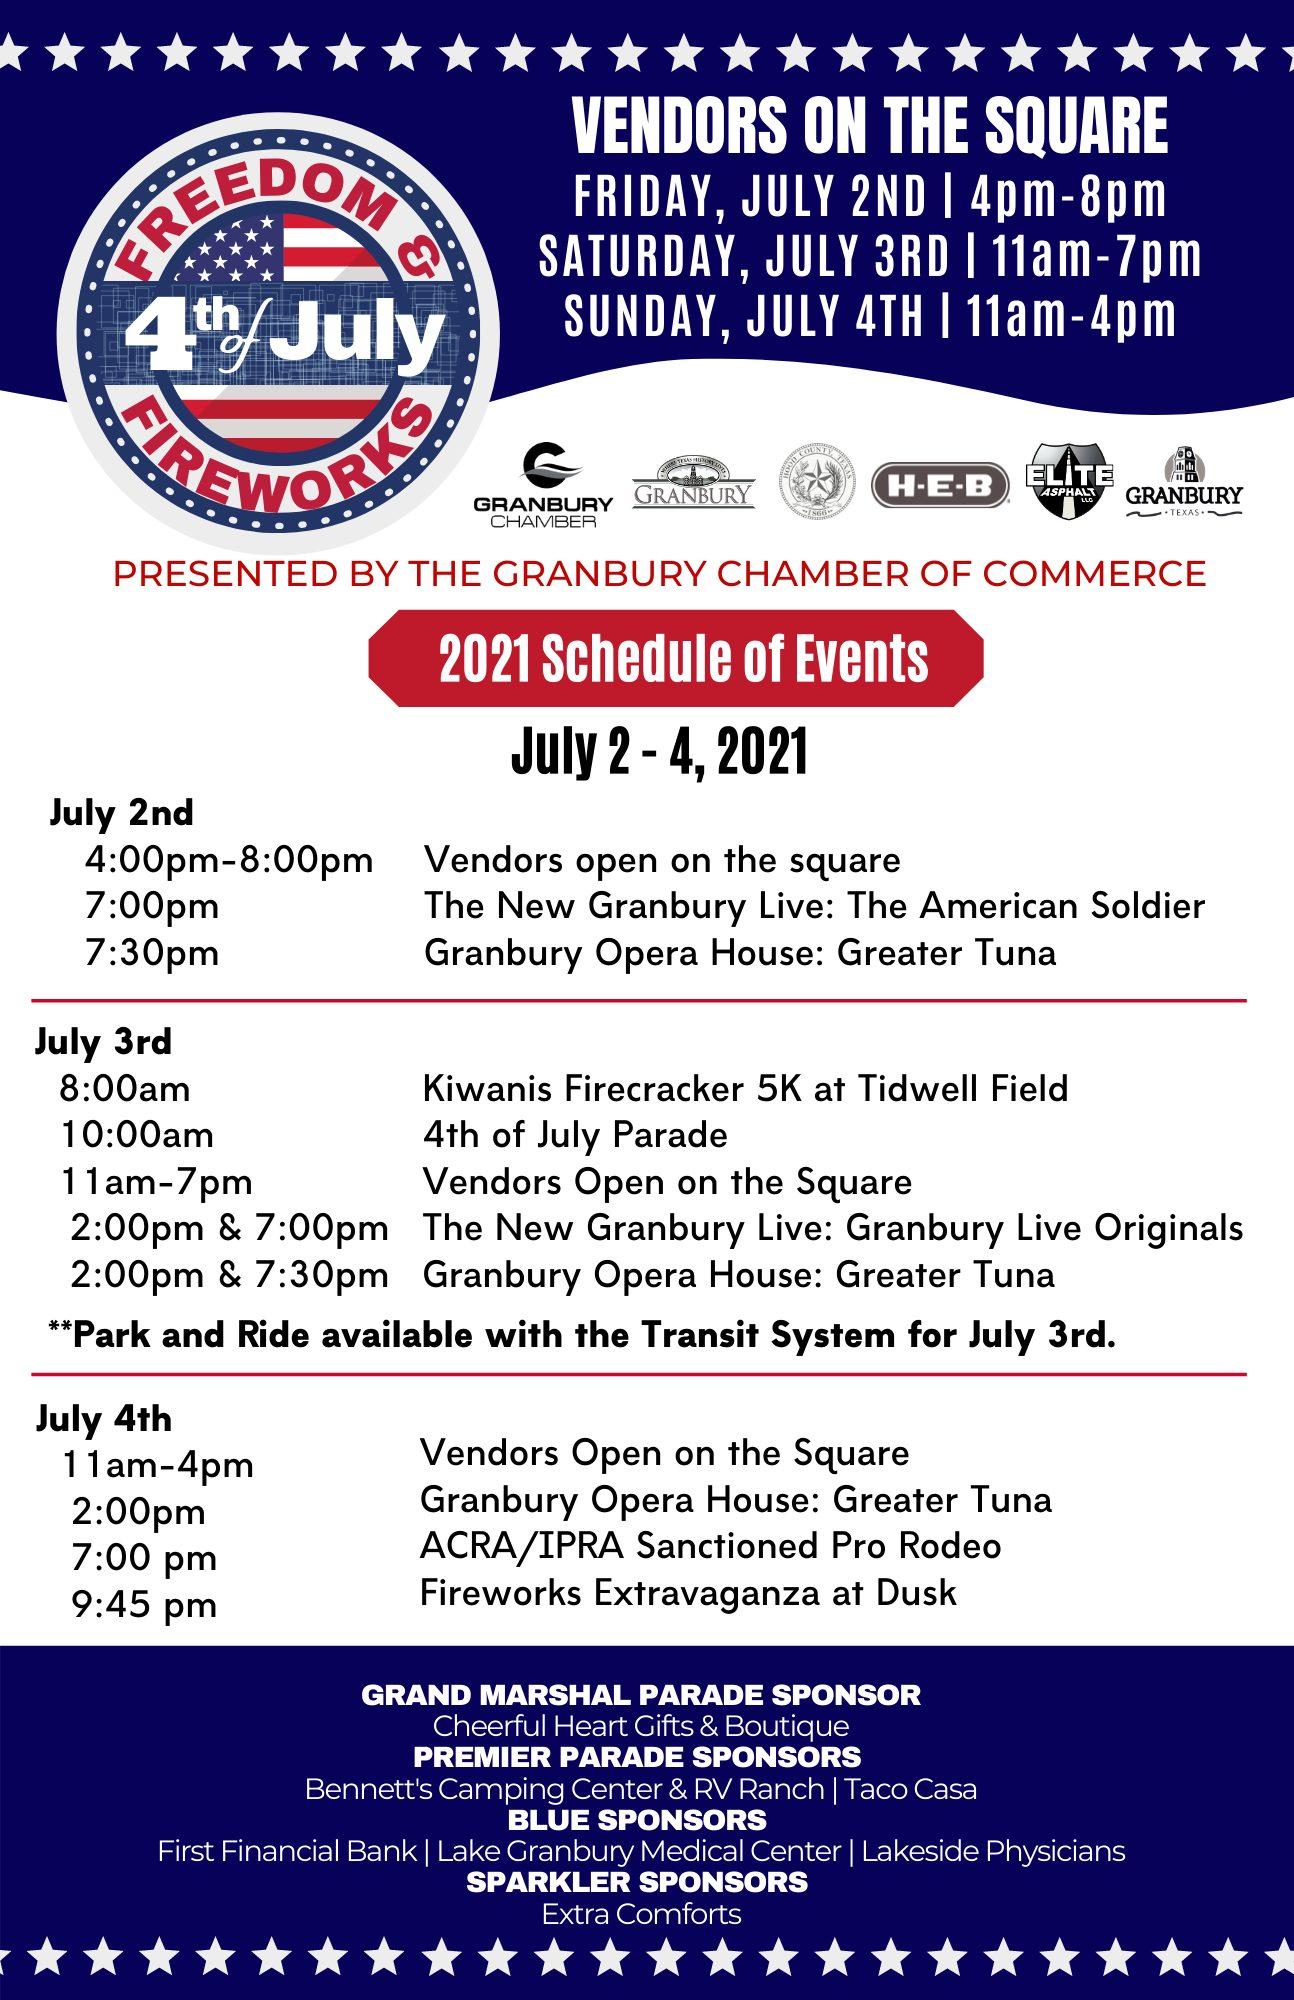 July 4th 2020 Schedule Half Sheet (3)